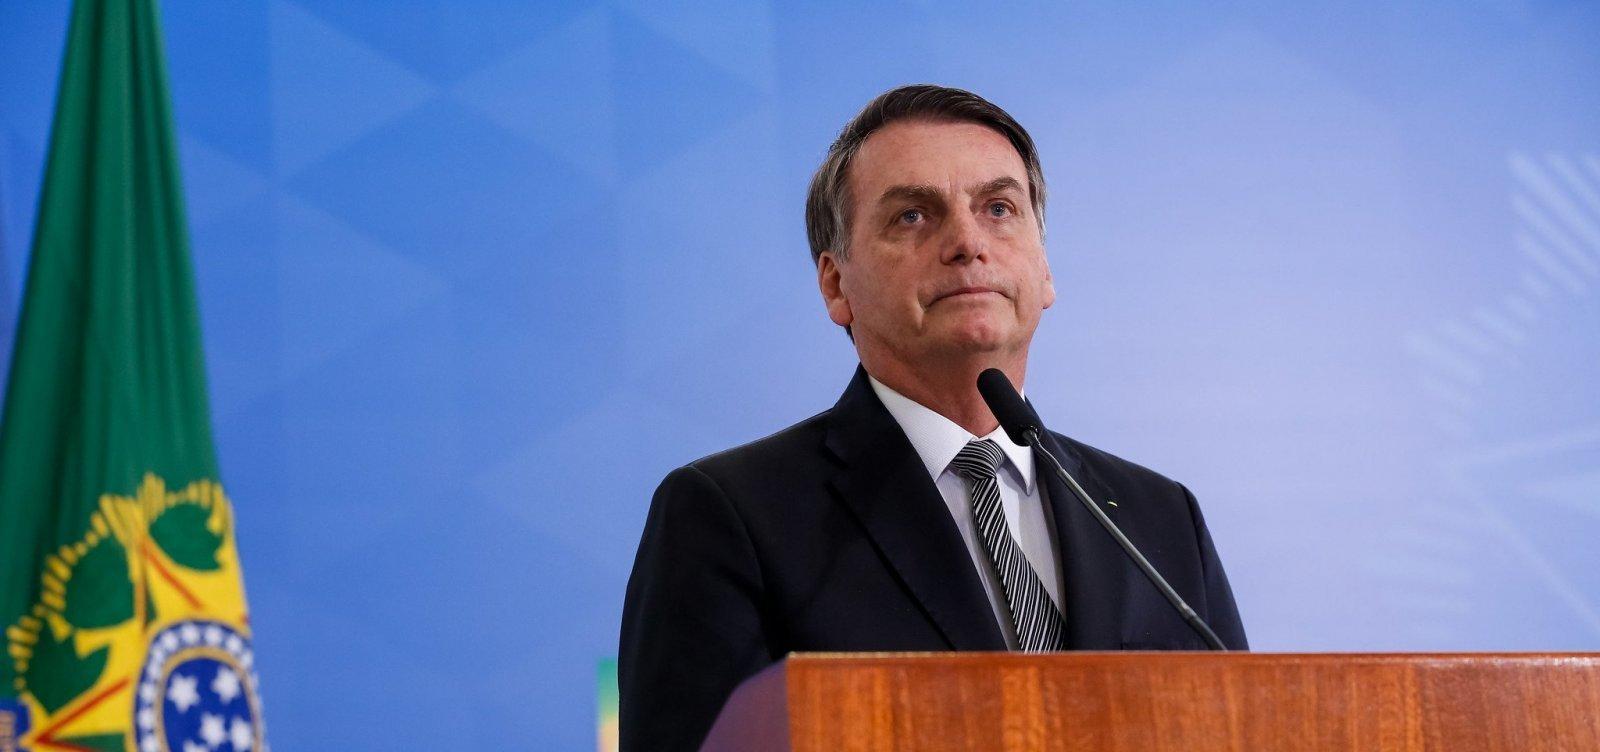 Corte em Orçamento ameaça Bolsonaro com mesma pedalada que justificou impeachment de Dilma